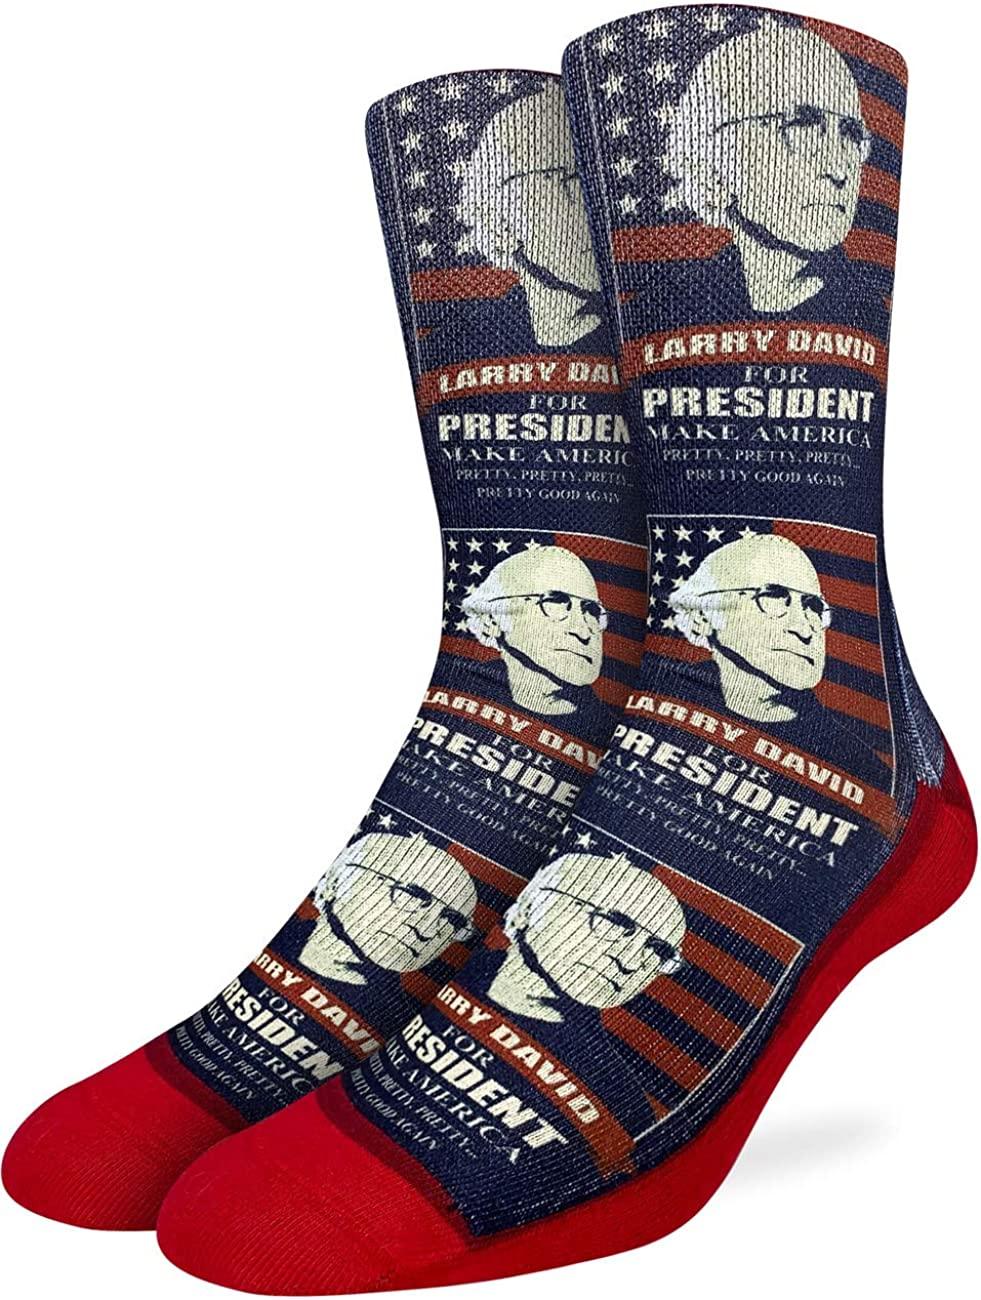 Good Luck Sock Men's Larry David for President Socks - Red, Adult Shoe Size 8-13